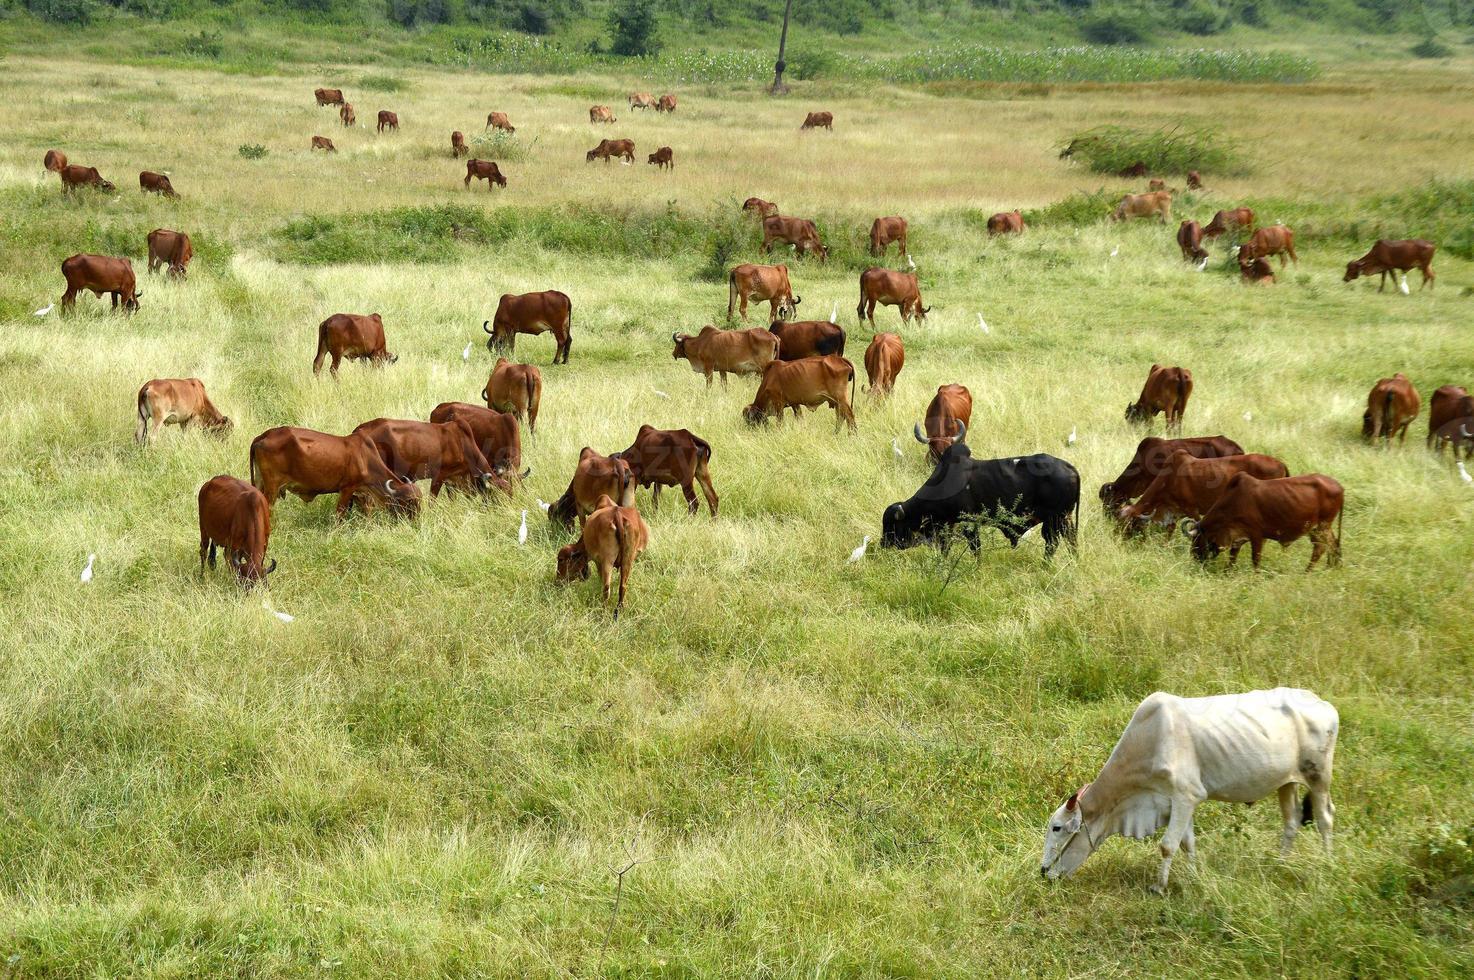 les vaches et les taureaux paissent sur un champ d'herbe luxuriante photo